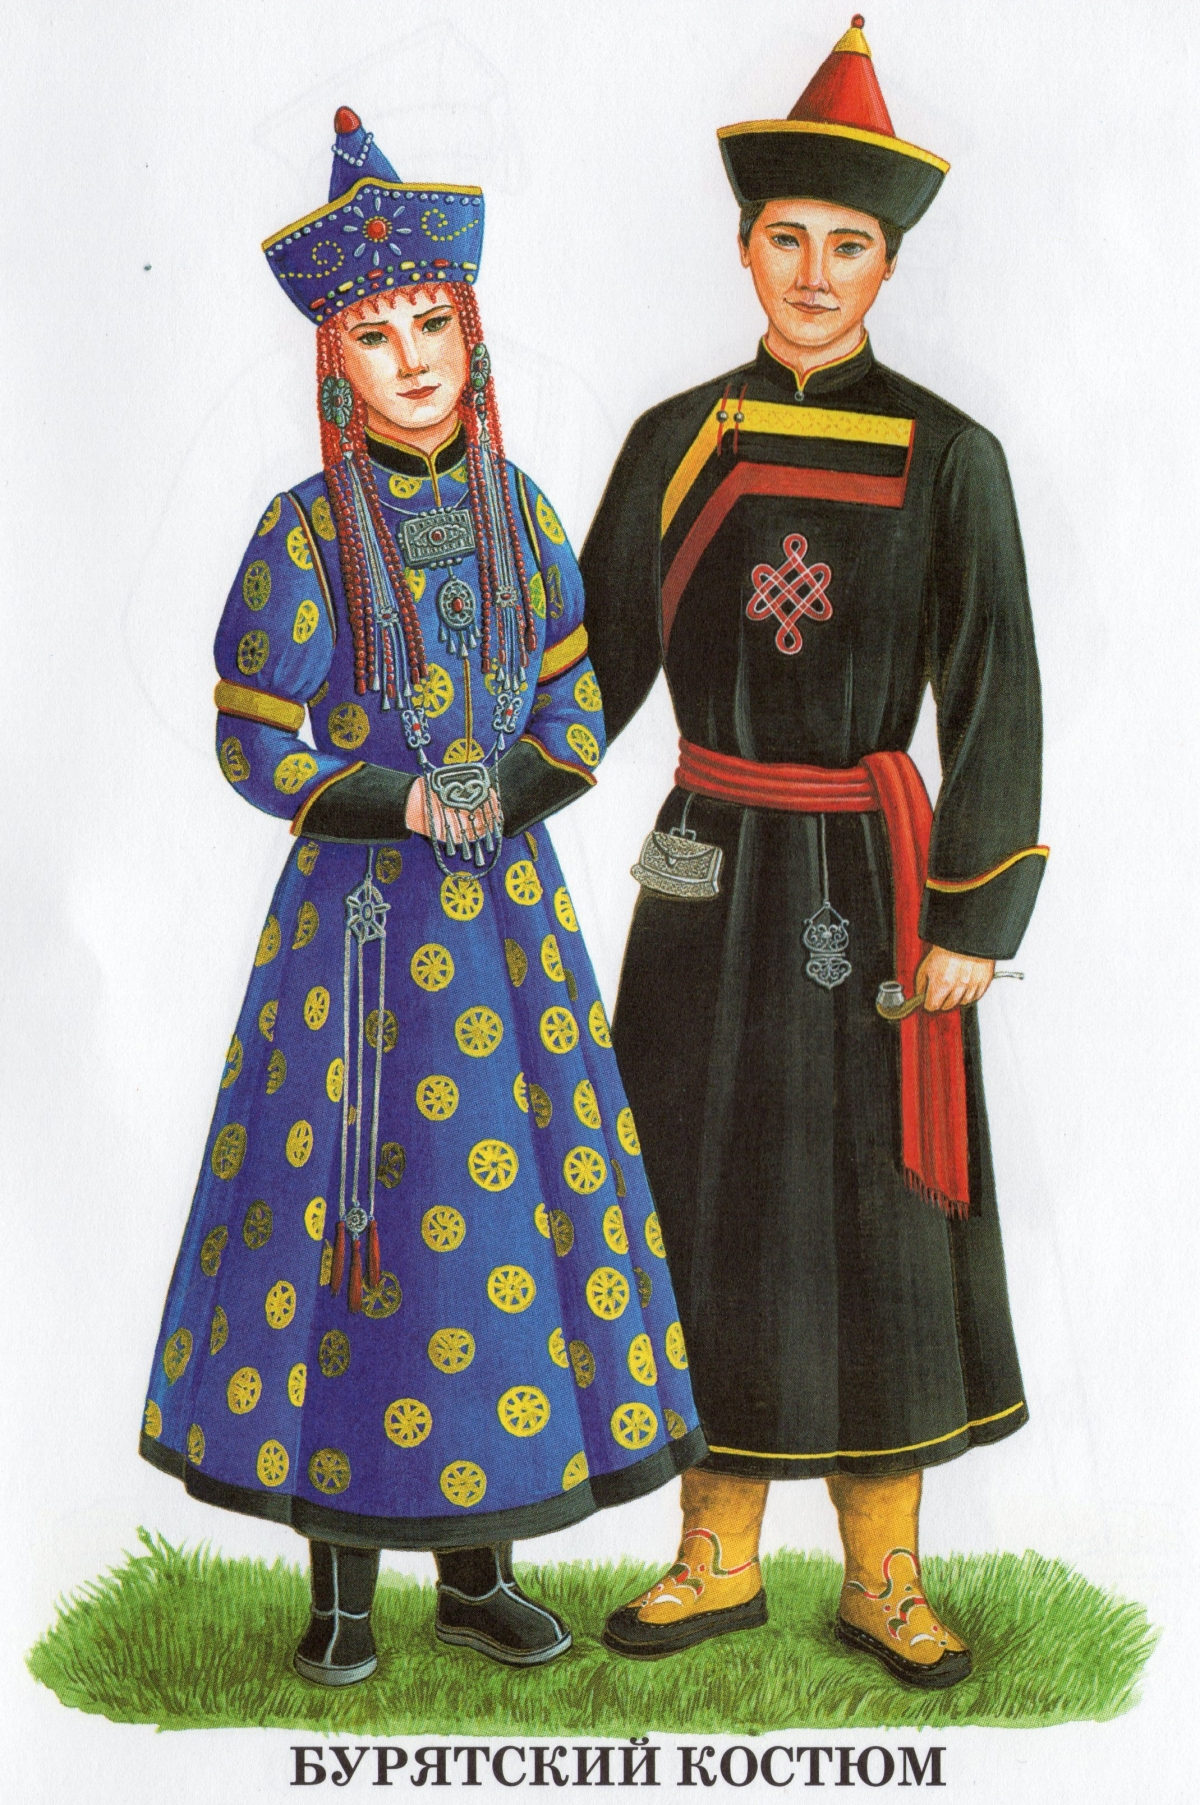 картинка национальные костюмы россии они